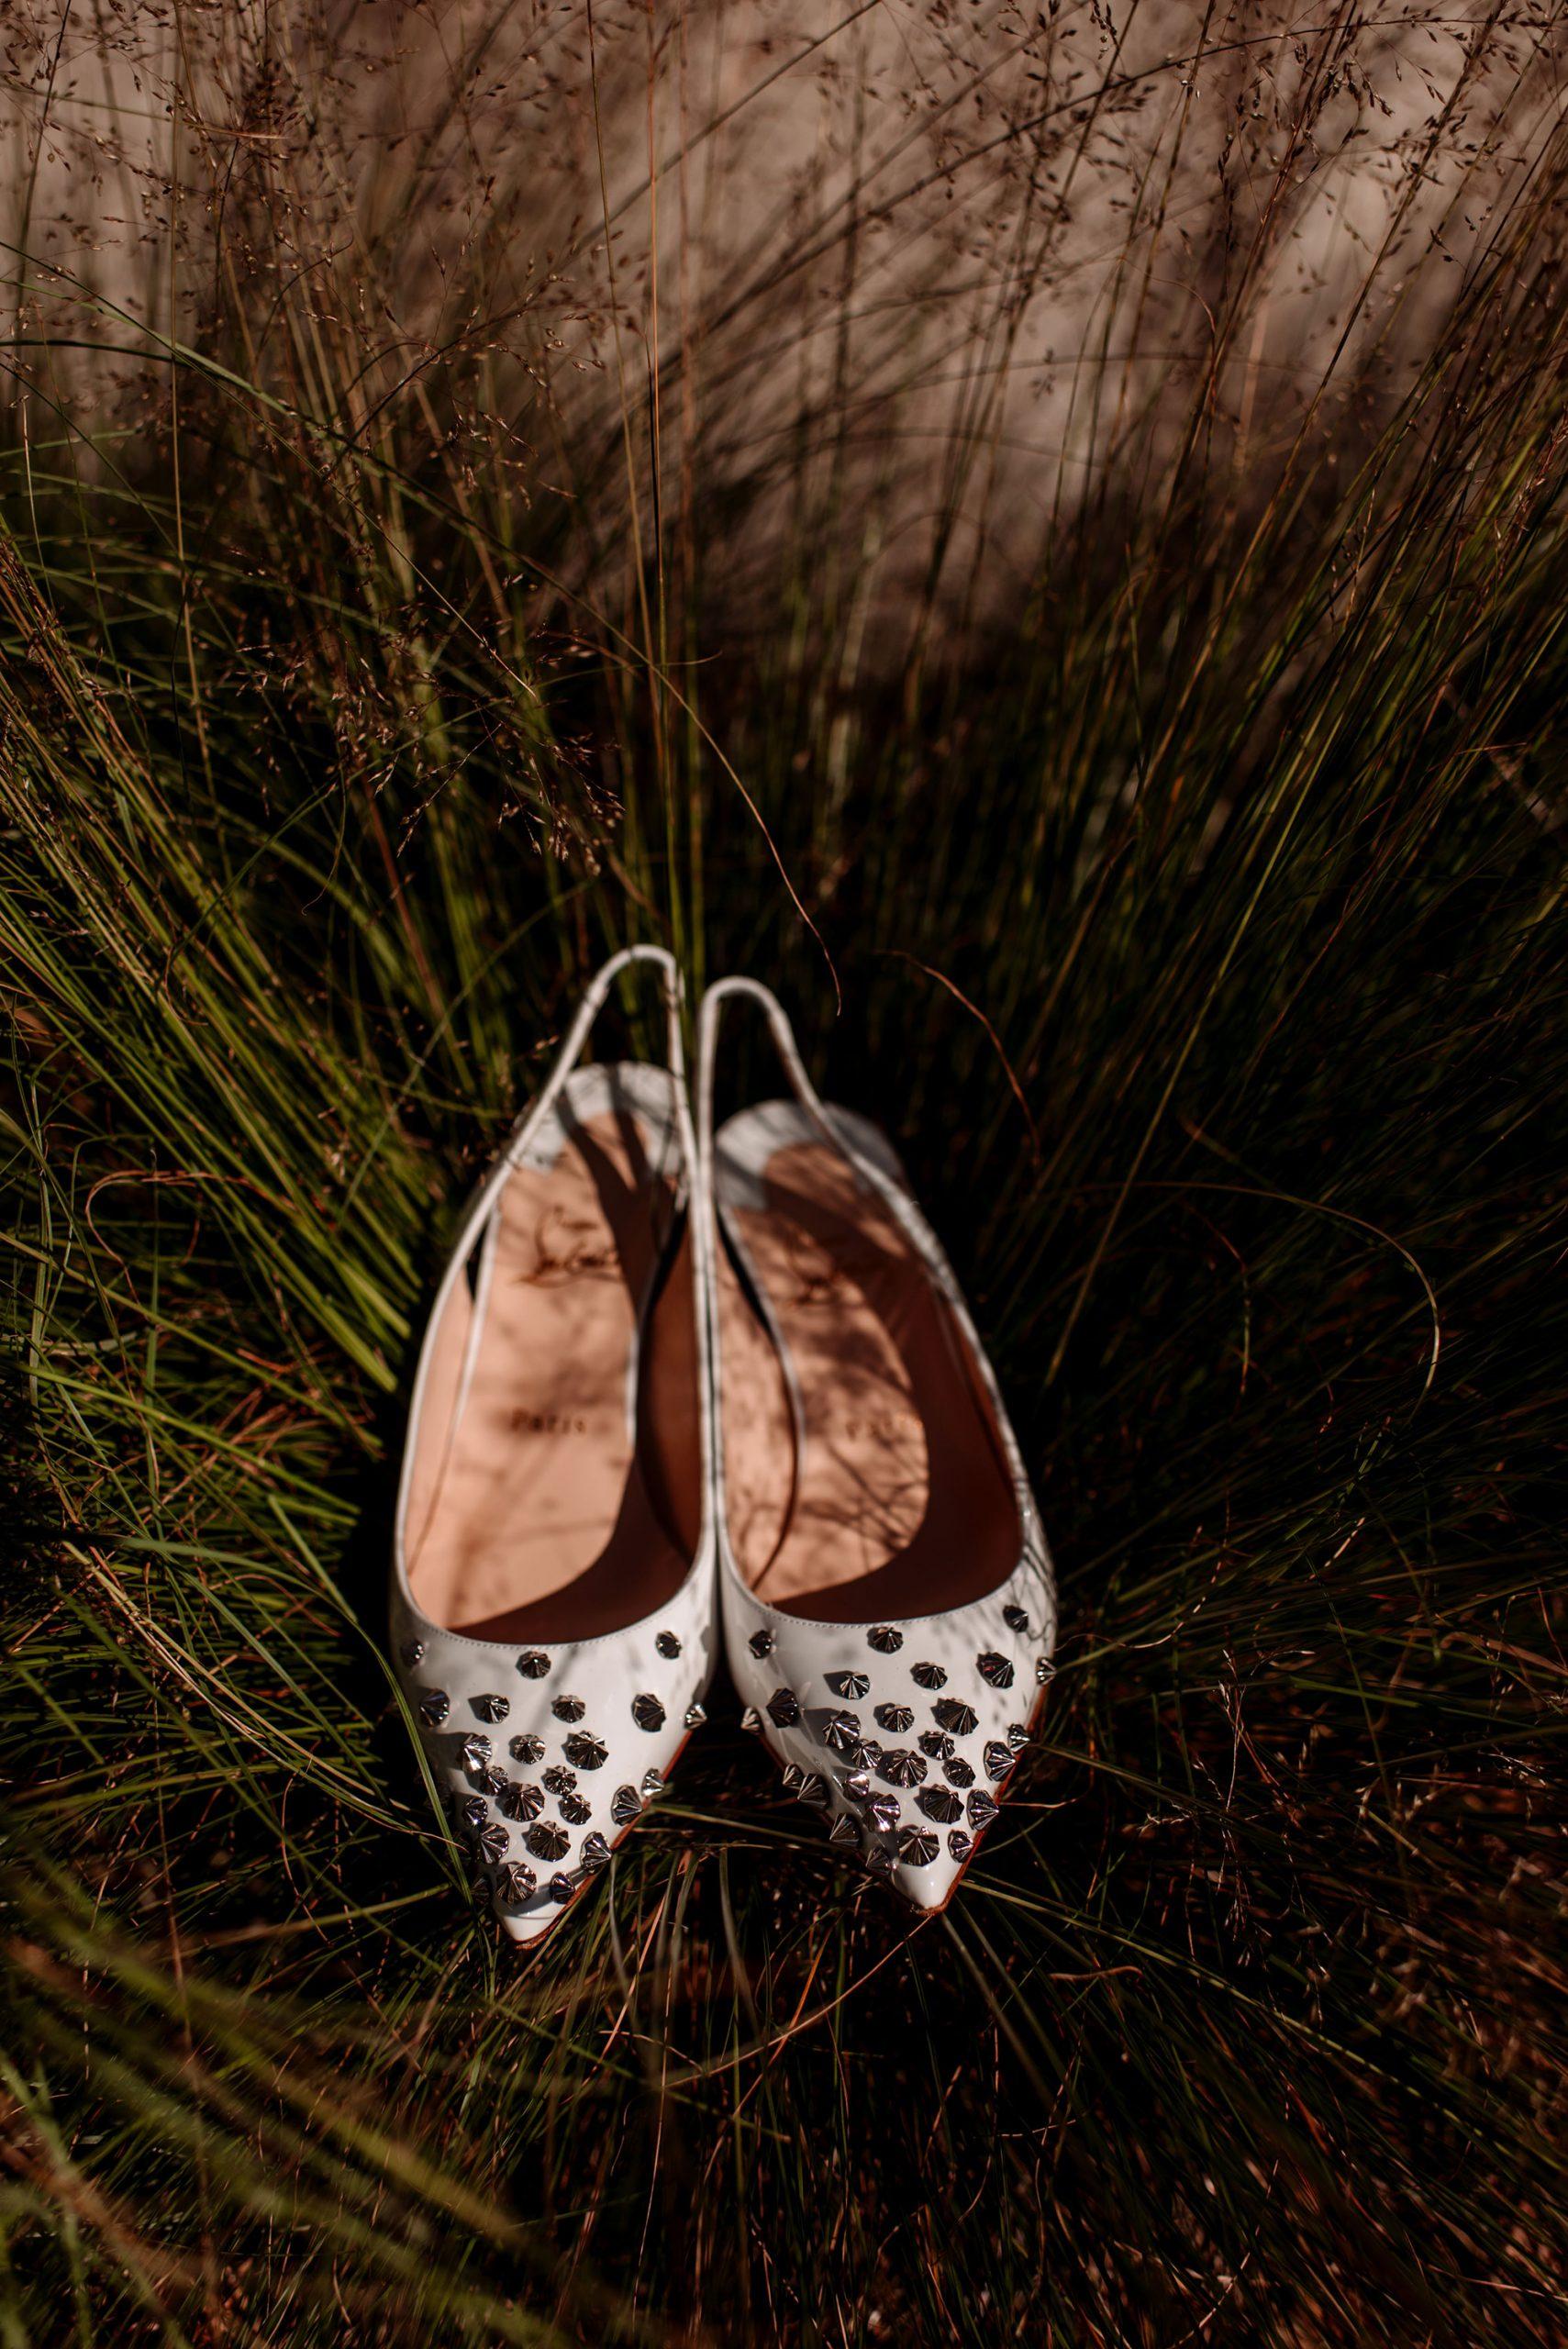 wedding shoes in prairie grass hyland hills wedding mn